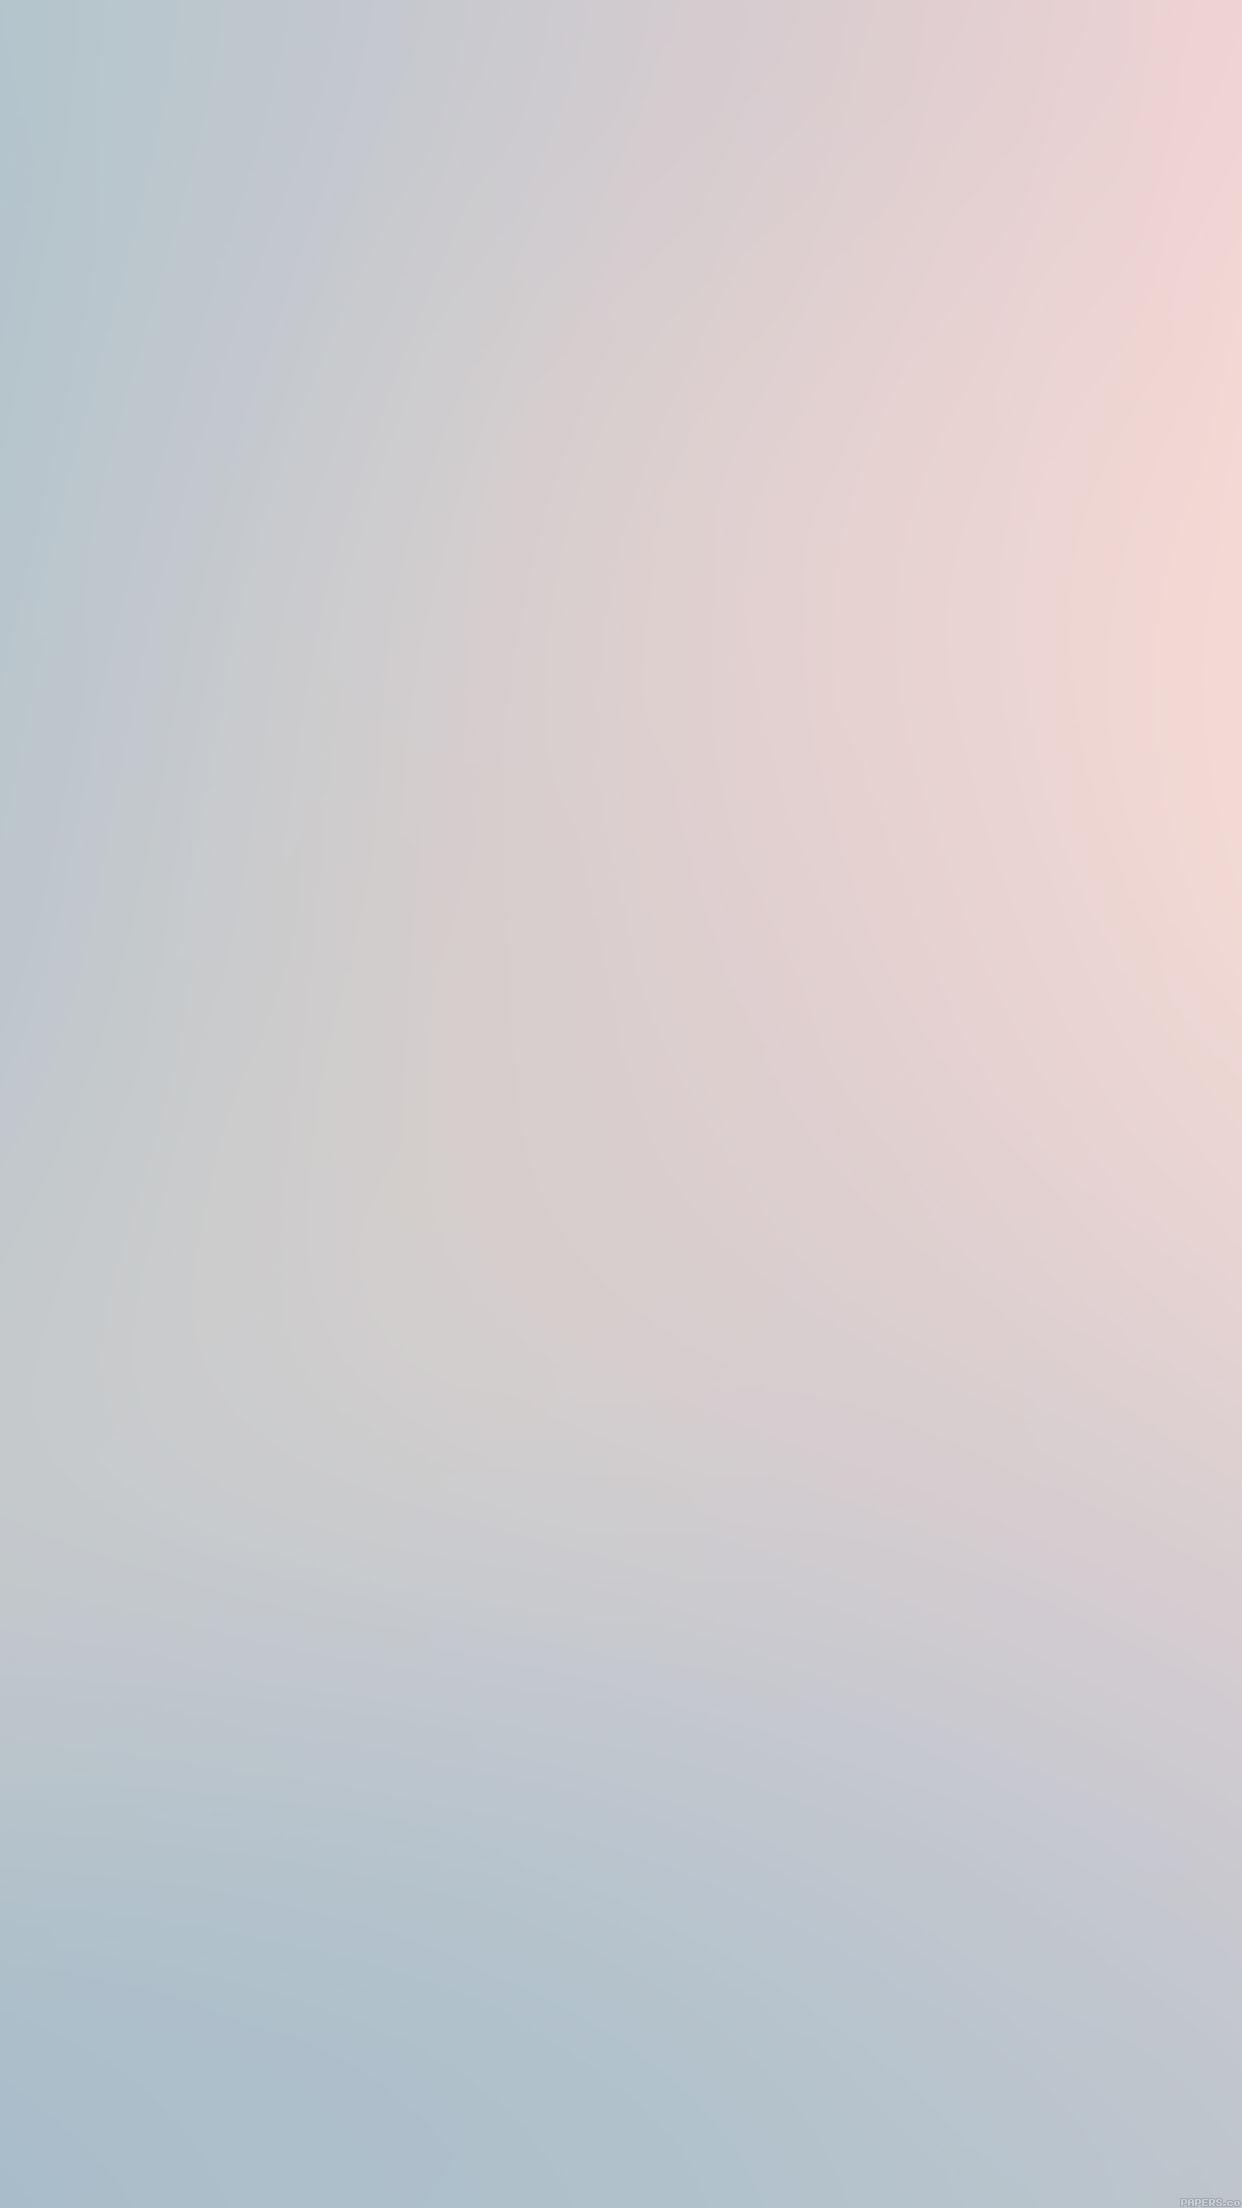 Fond D Ecran Blanc Iphone 6s Papier Peint Blanc 1242x2208 Wallpapertip